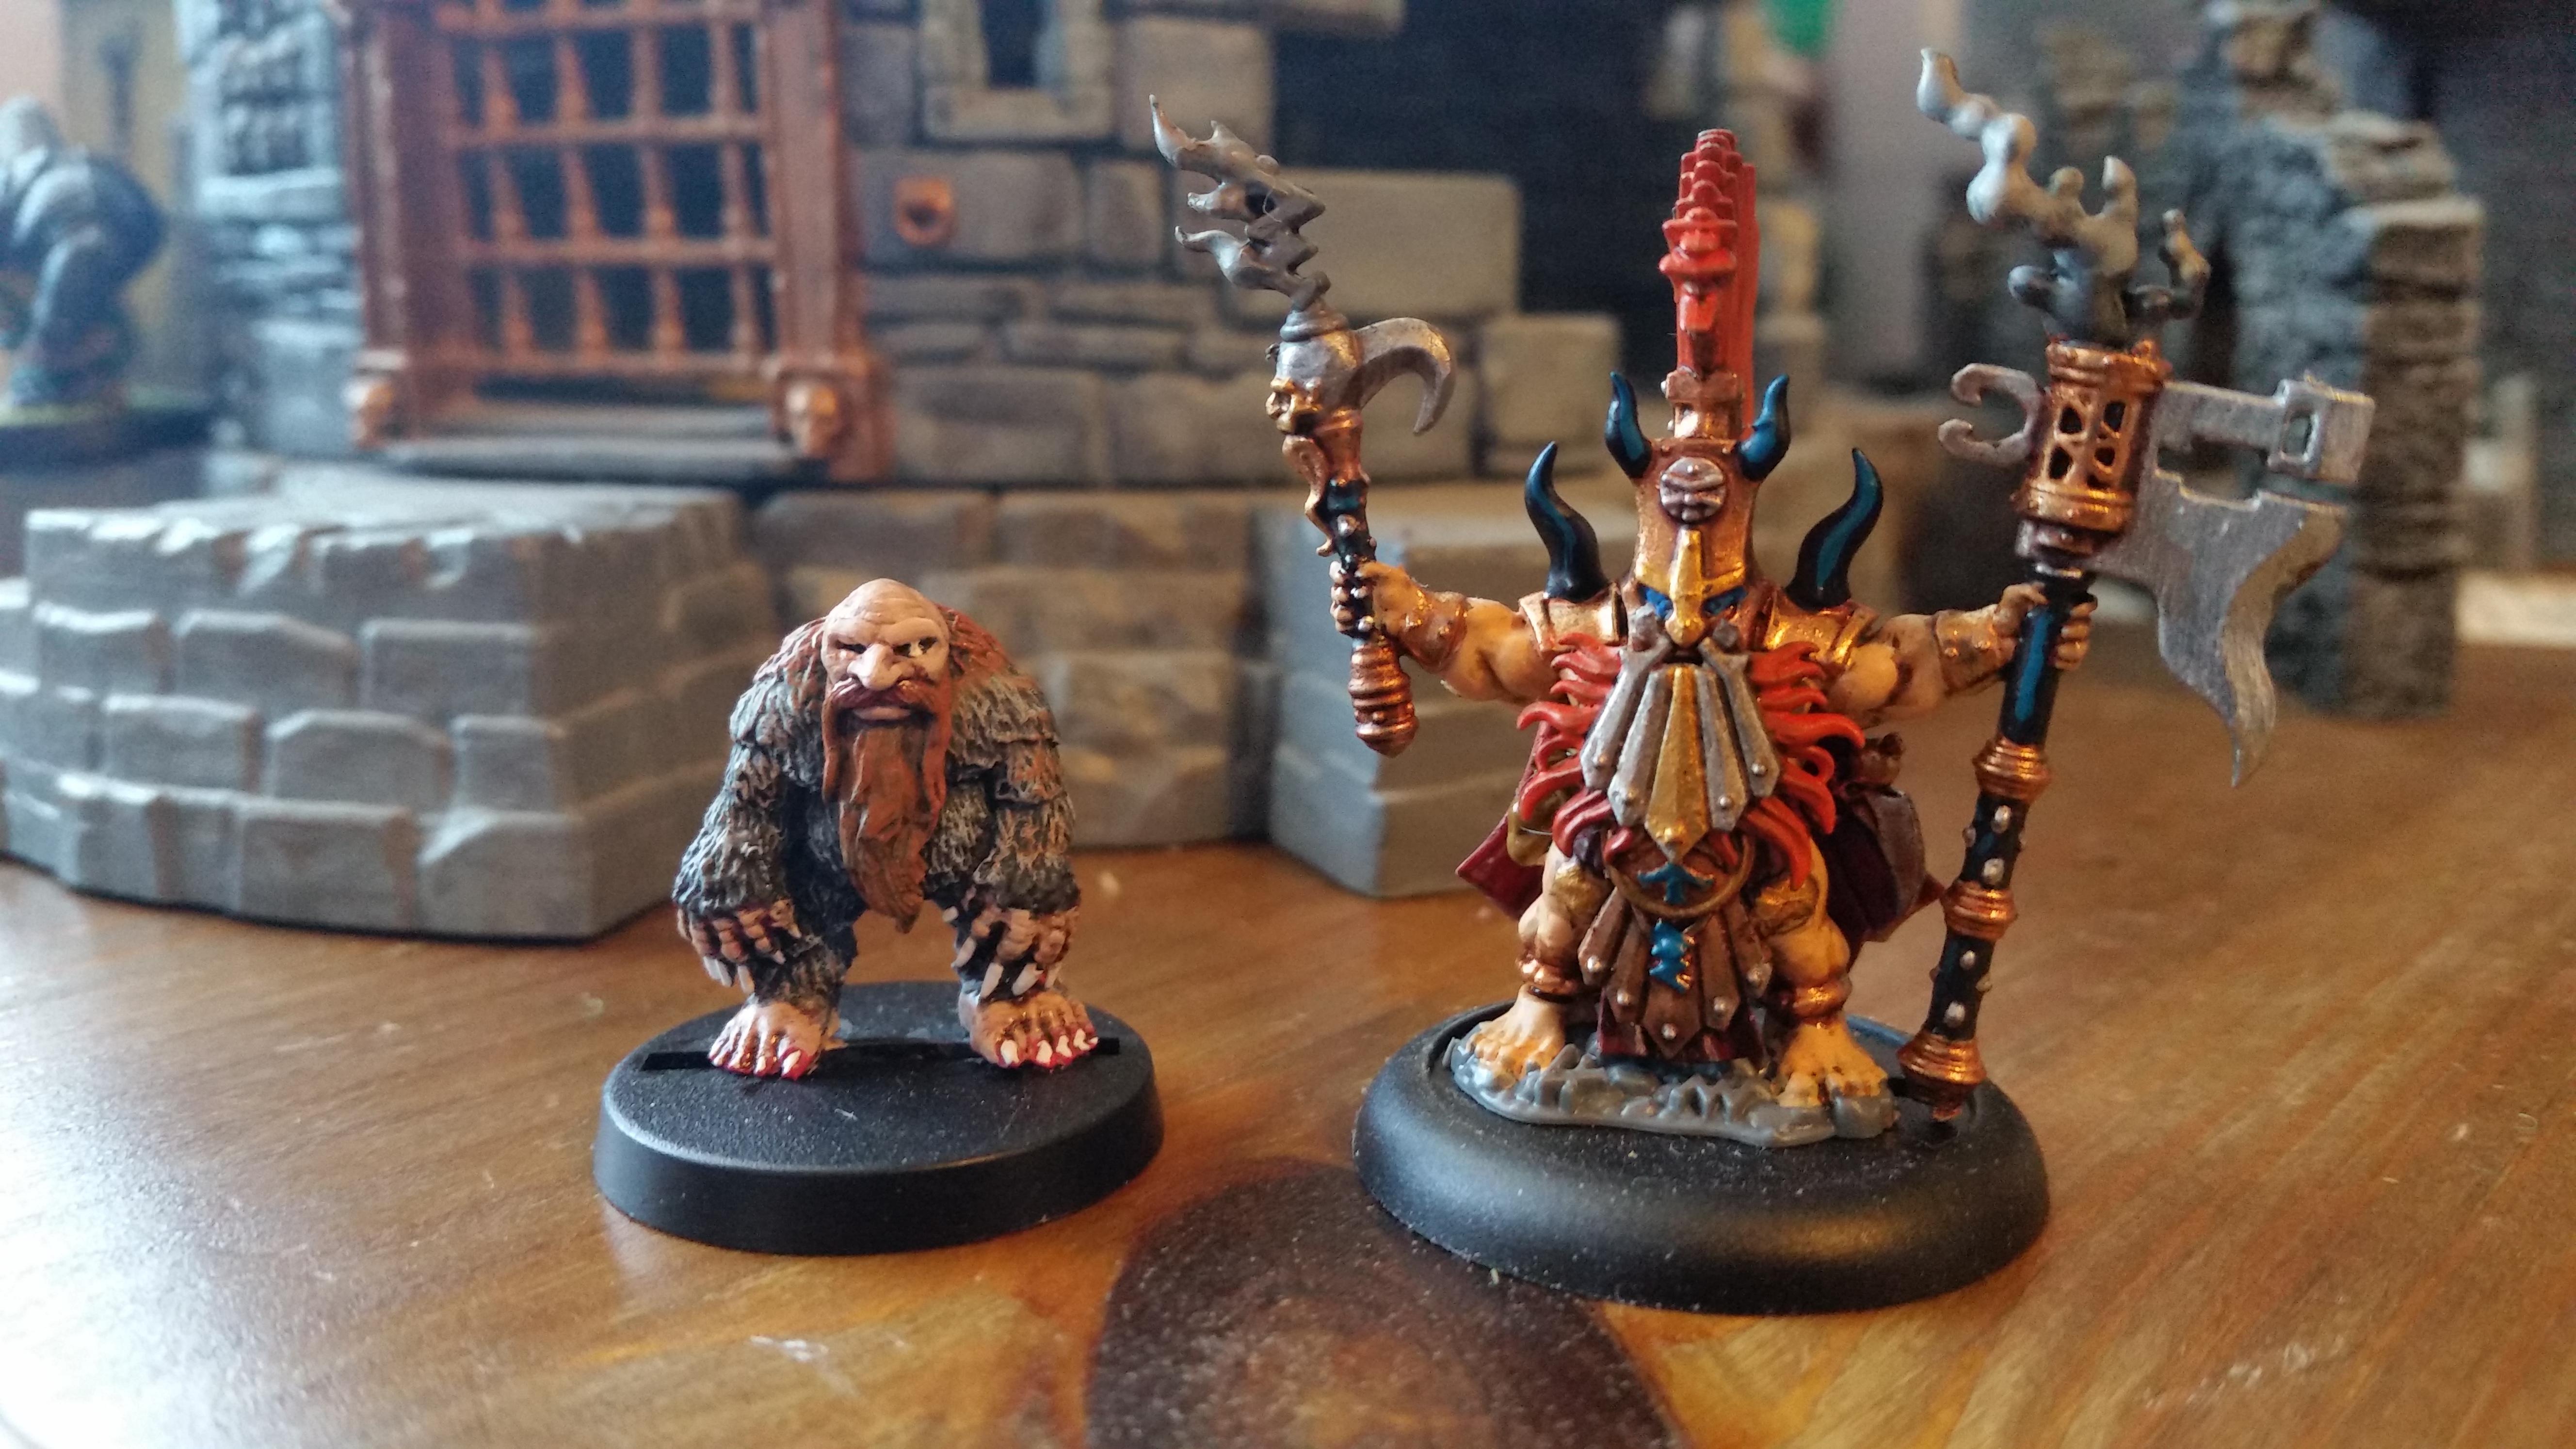 Dwarves, Fyreslayer, Ganesha Games, Runesmith, Weremole